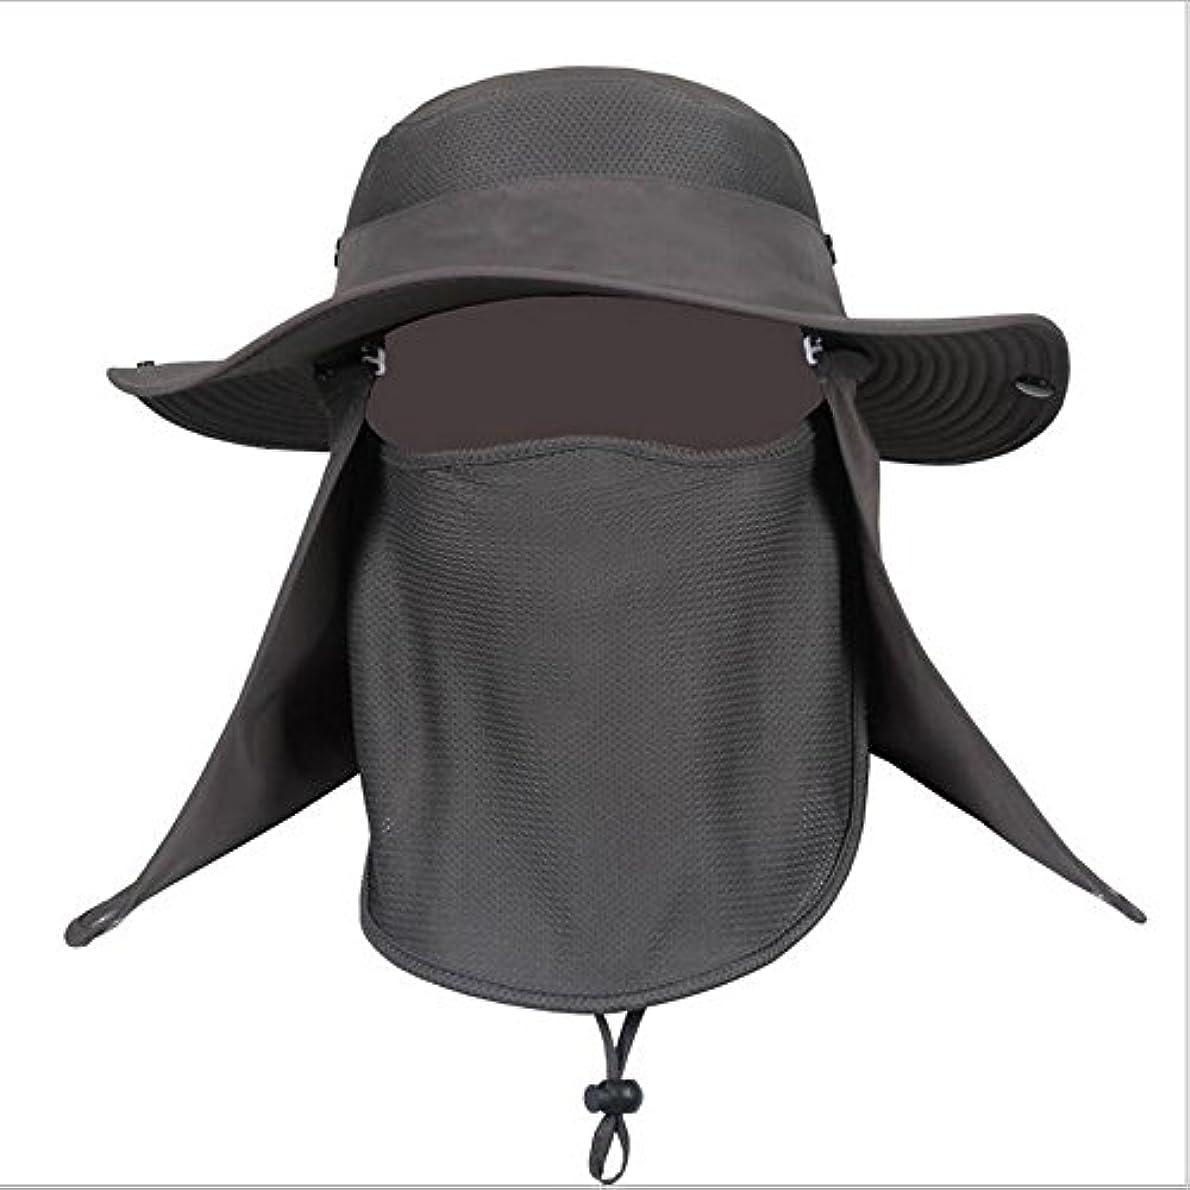 ギャラントリー消化器蜂帽子 ぼうし メッシュ 使用 紫外線 から 360度 ガード / UV カット 日焼け 防止 顔 首 日よけ カバー / 登山 釣り プール 海水浴